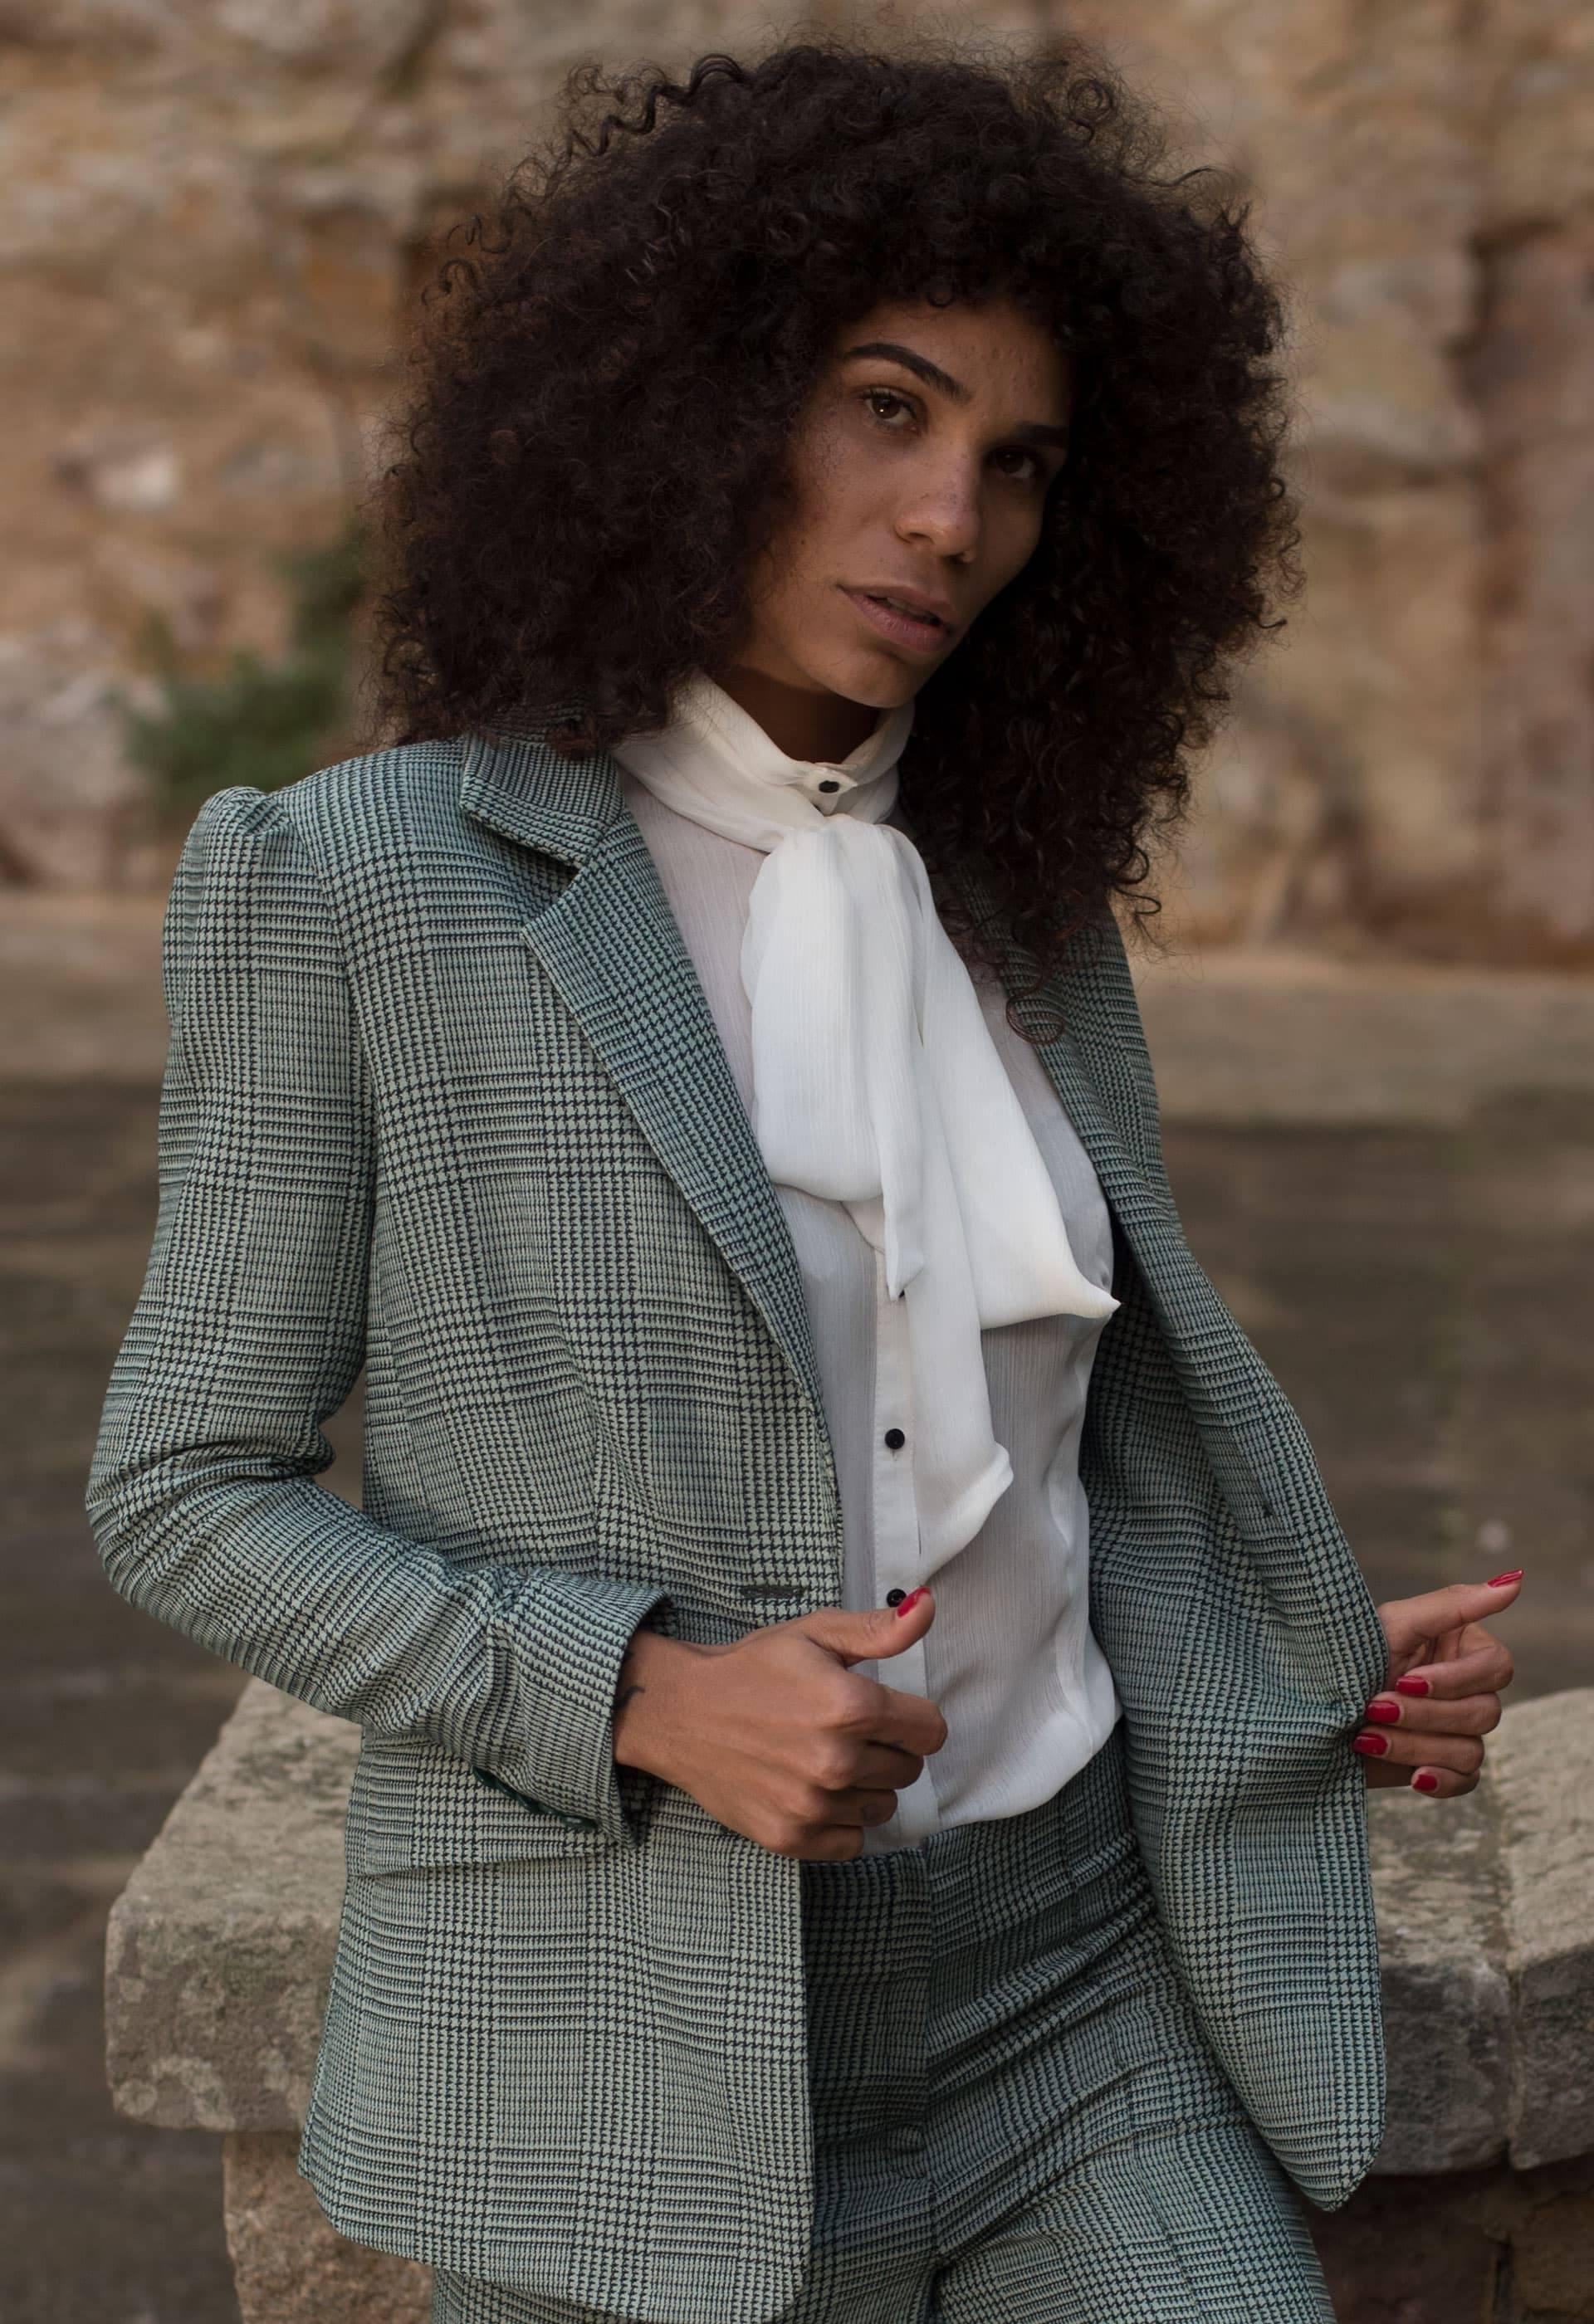 Conjunto de traje de chaqueta de cuadros vichy en tonos verdes con camisa blanca de lazo